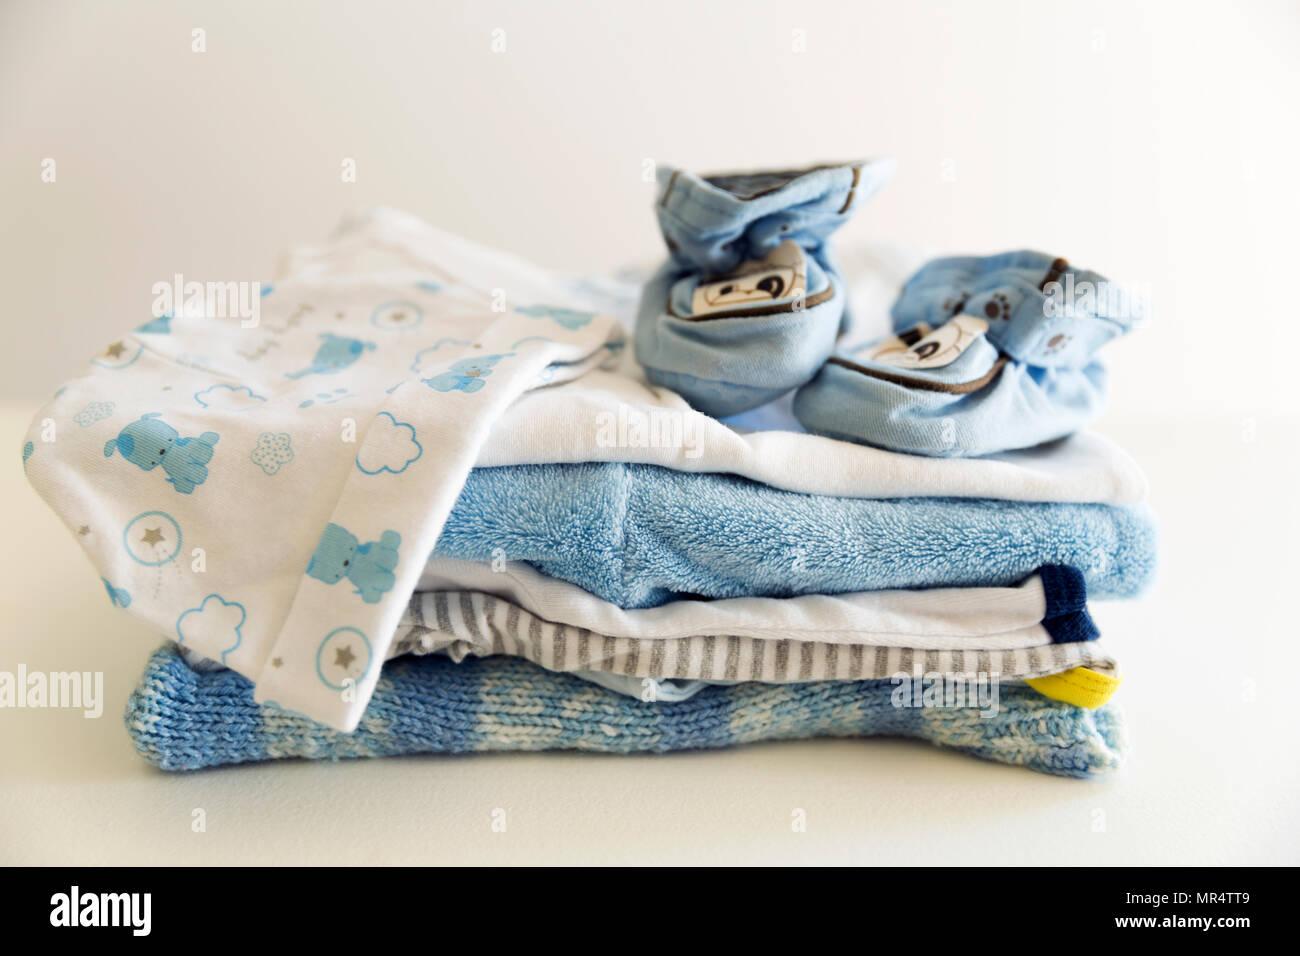 516ab1bf4 Conjunto de cosas para un bebé recién nacido varón. Concepto materno. Ropa  de bebé en montón y tiny baby shoes y hat